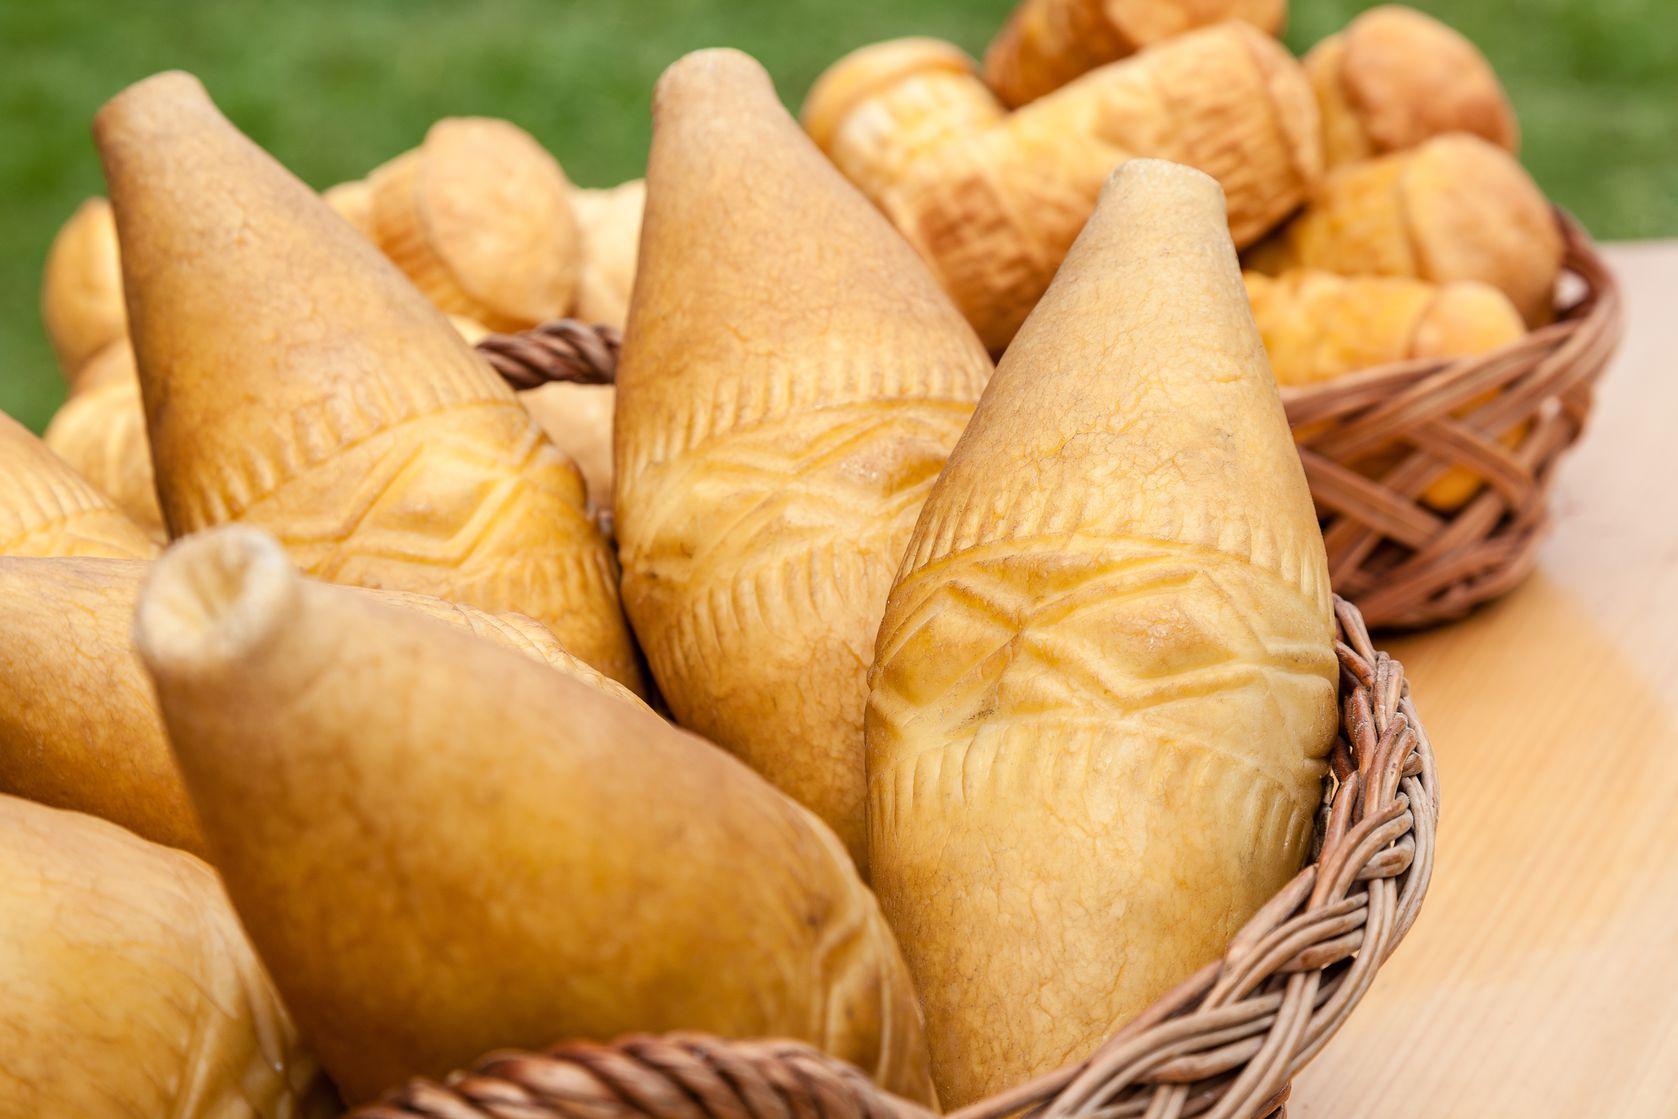 Tradycyjne polskie produkty pod specjalną ochroną  Kuchnia  WP PL -> Kuchnia Hiszpanska Tradycyjne Potrawy